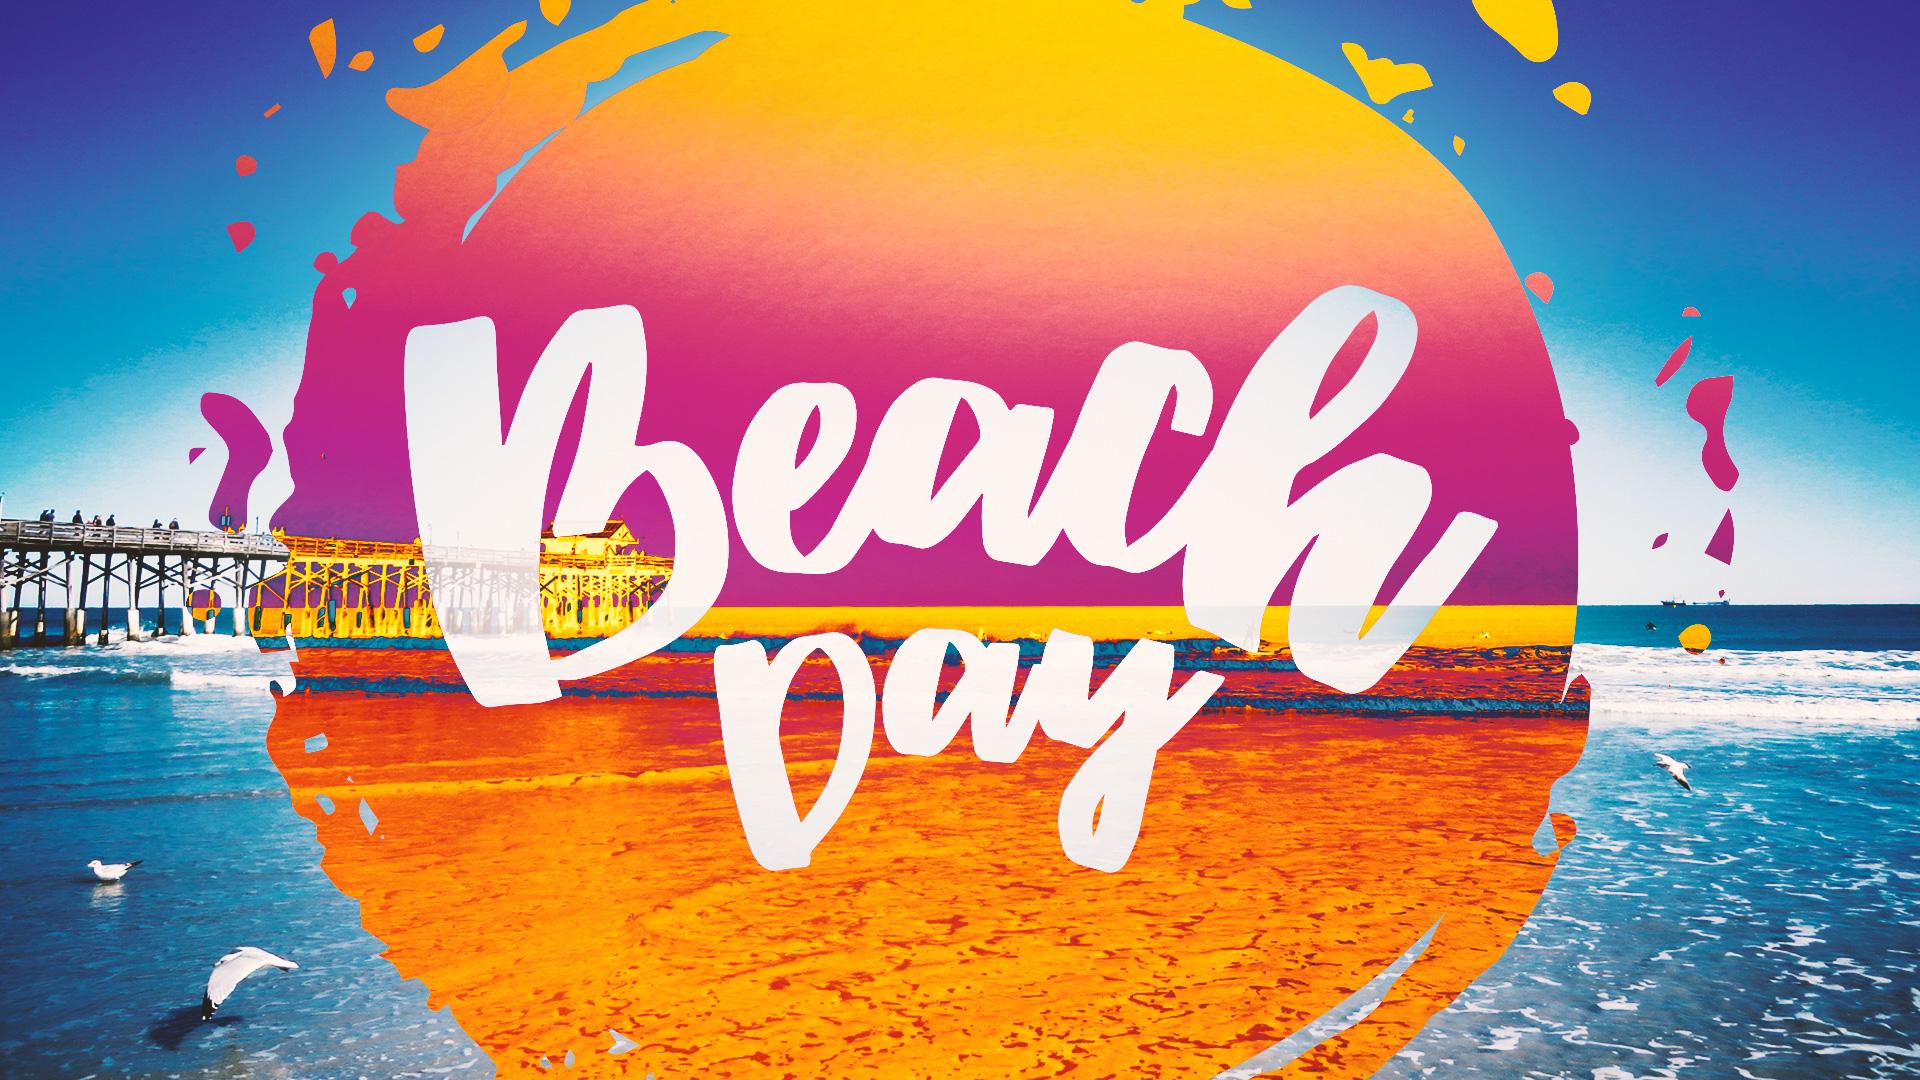 Beachday slide 1920x1080